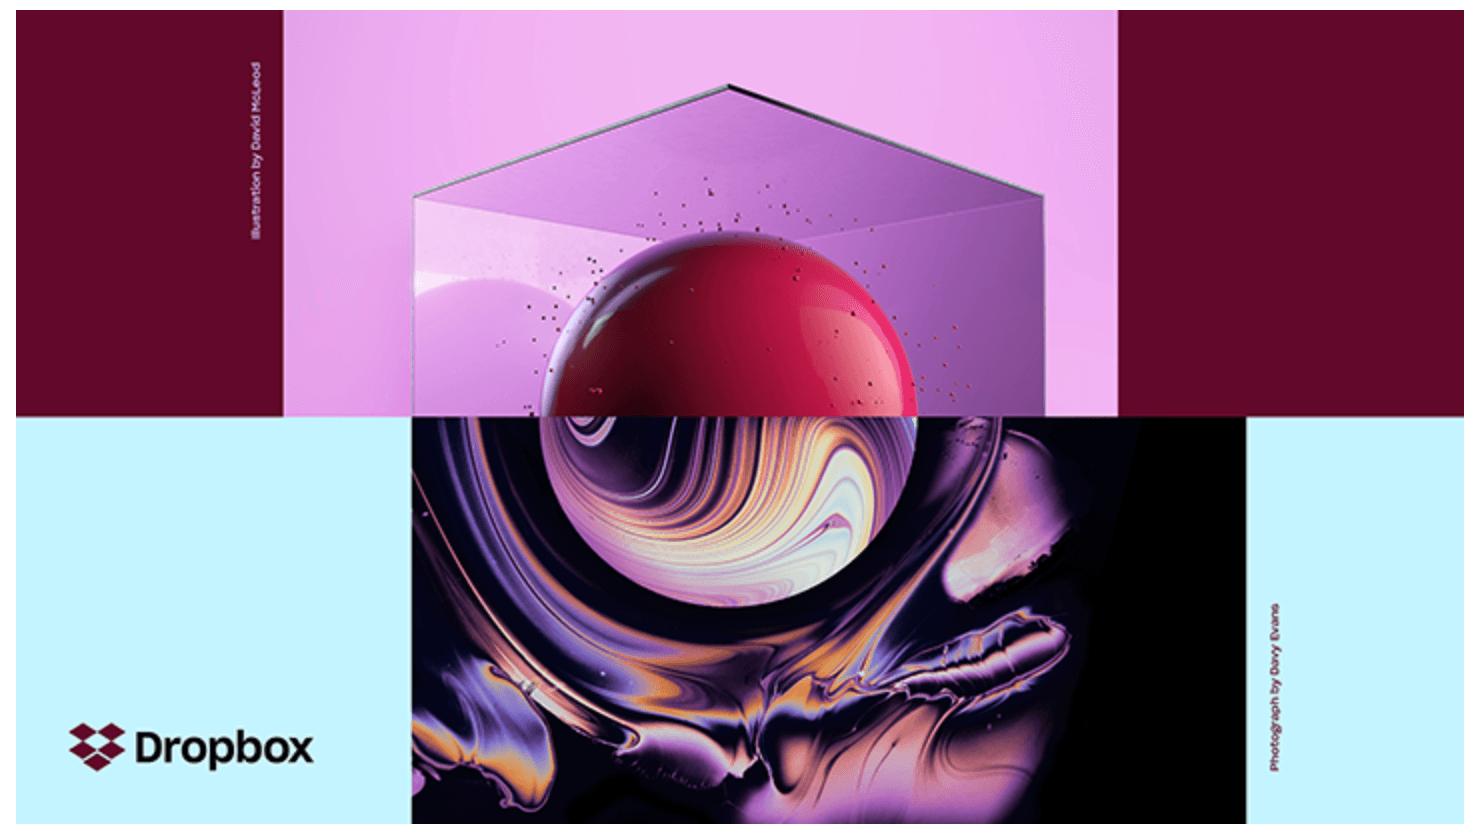 Dropbox Rebrand Psychographics